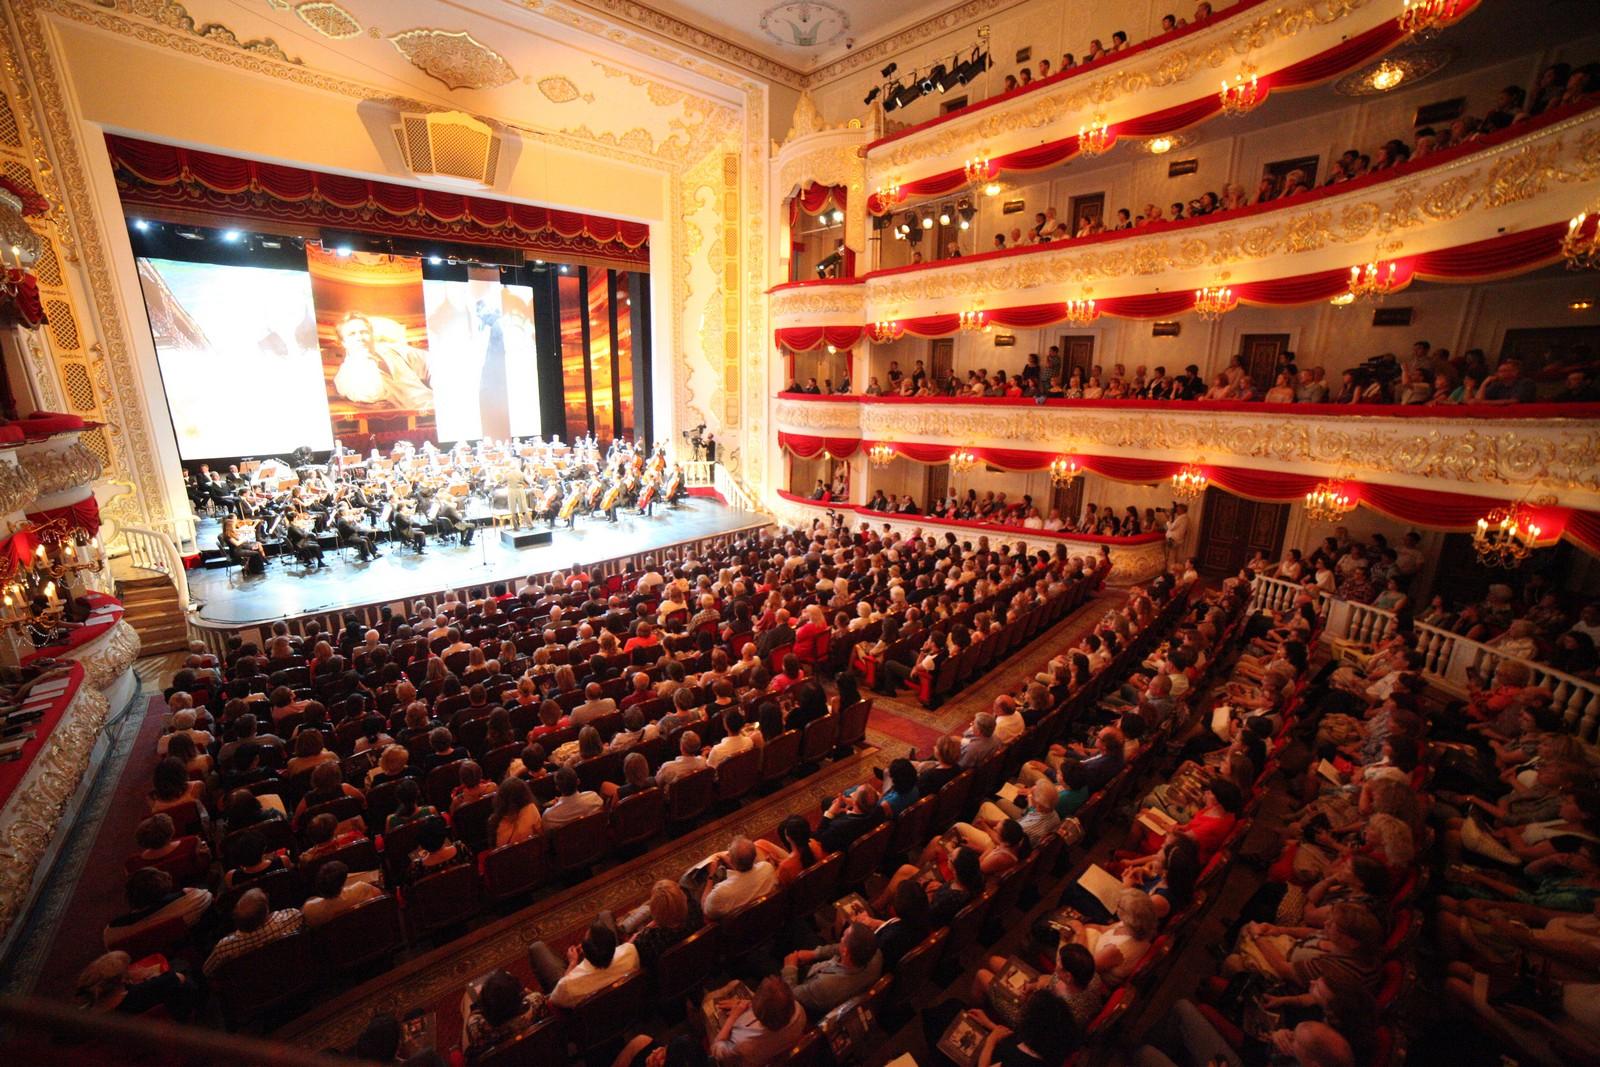 Оперный театр казань афиша цена билета где купить билеты в театр без комиссии в спб